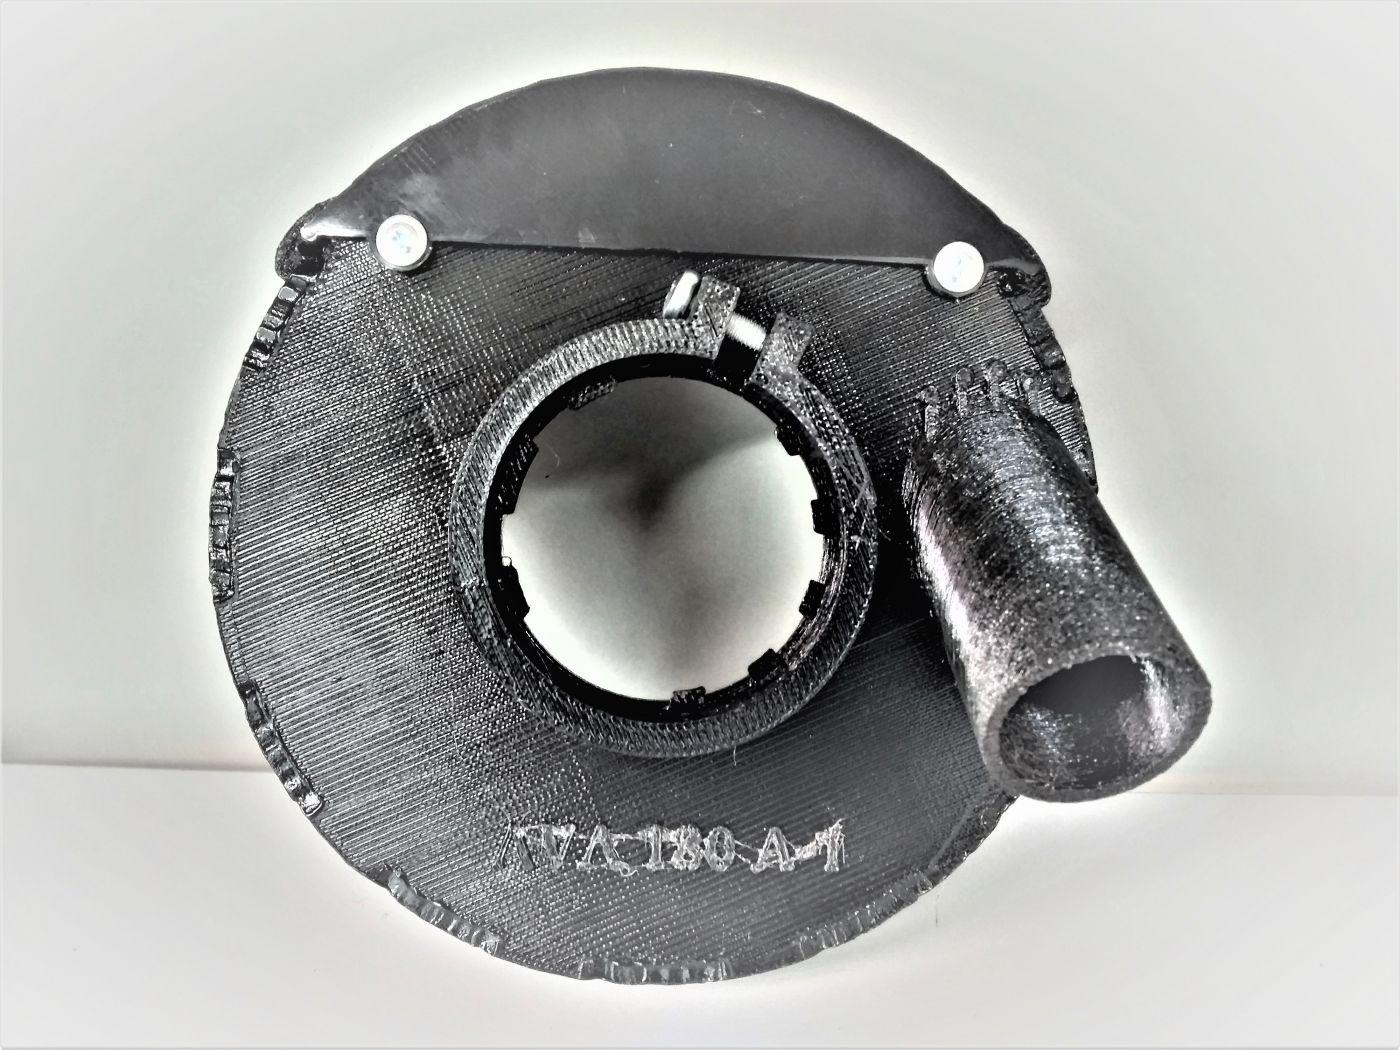 Кожух для болгарки для шлифовки, резки и штробления AVA 180A-1PRO